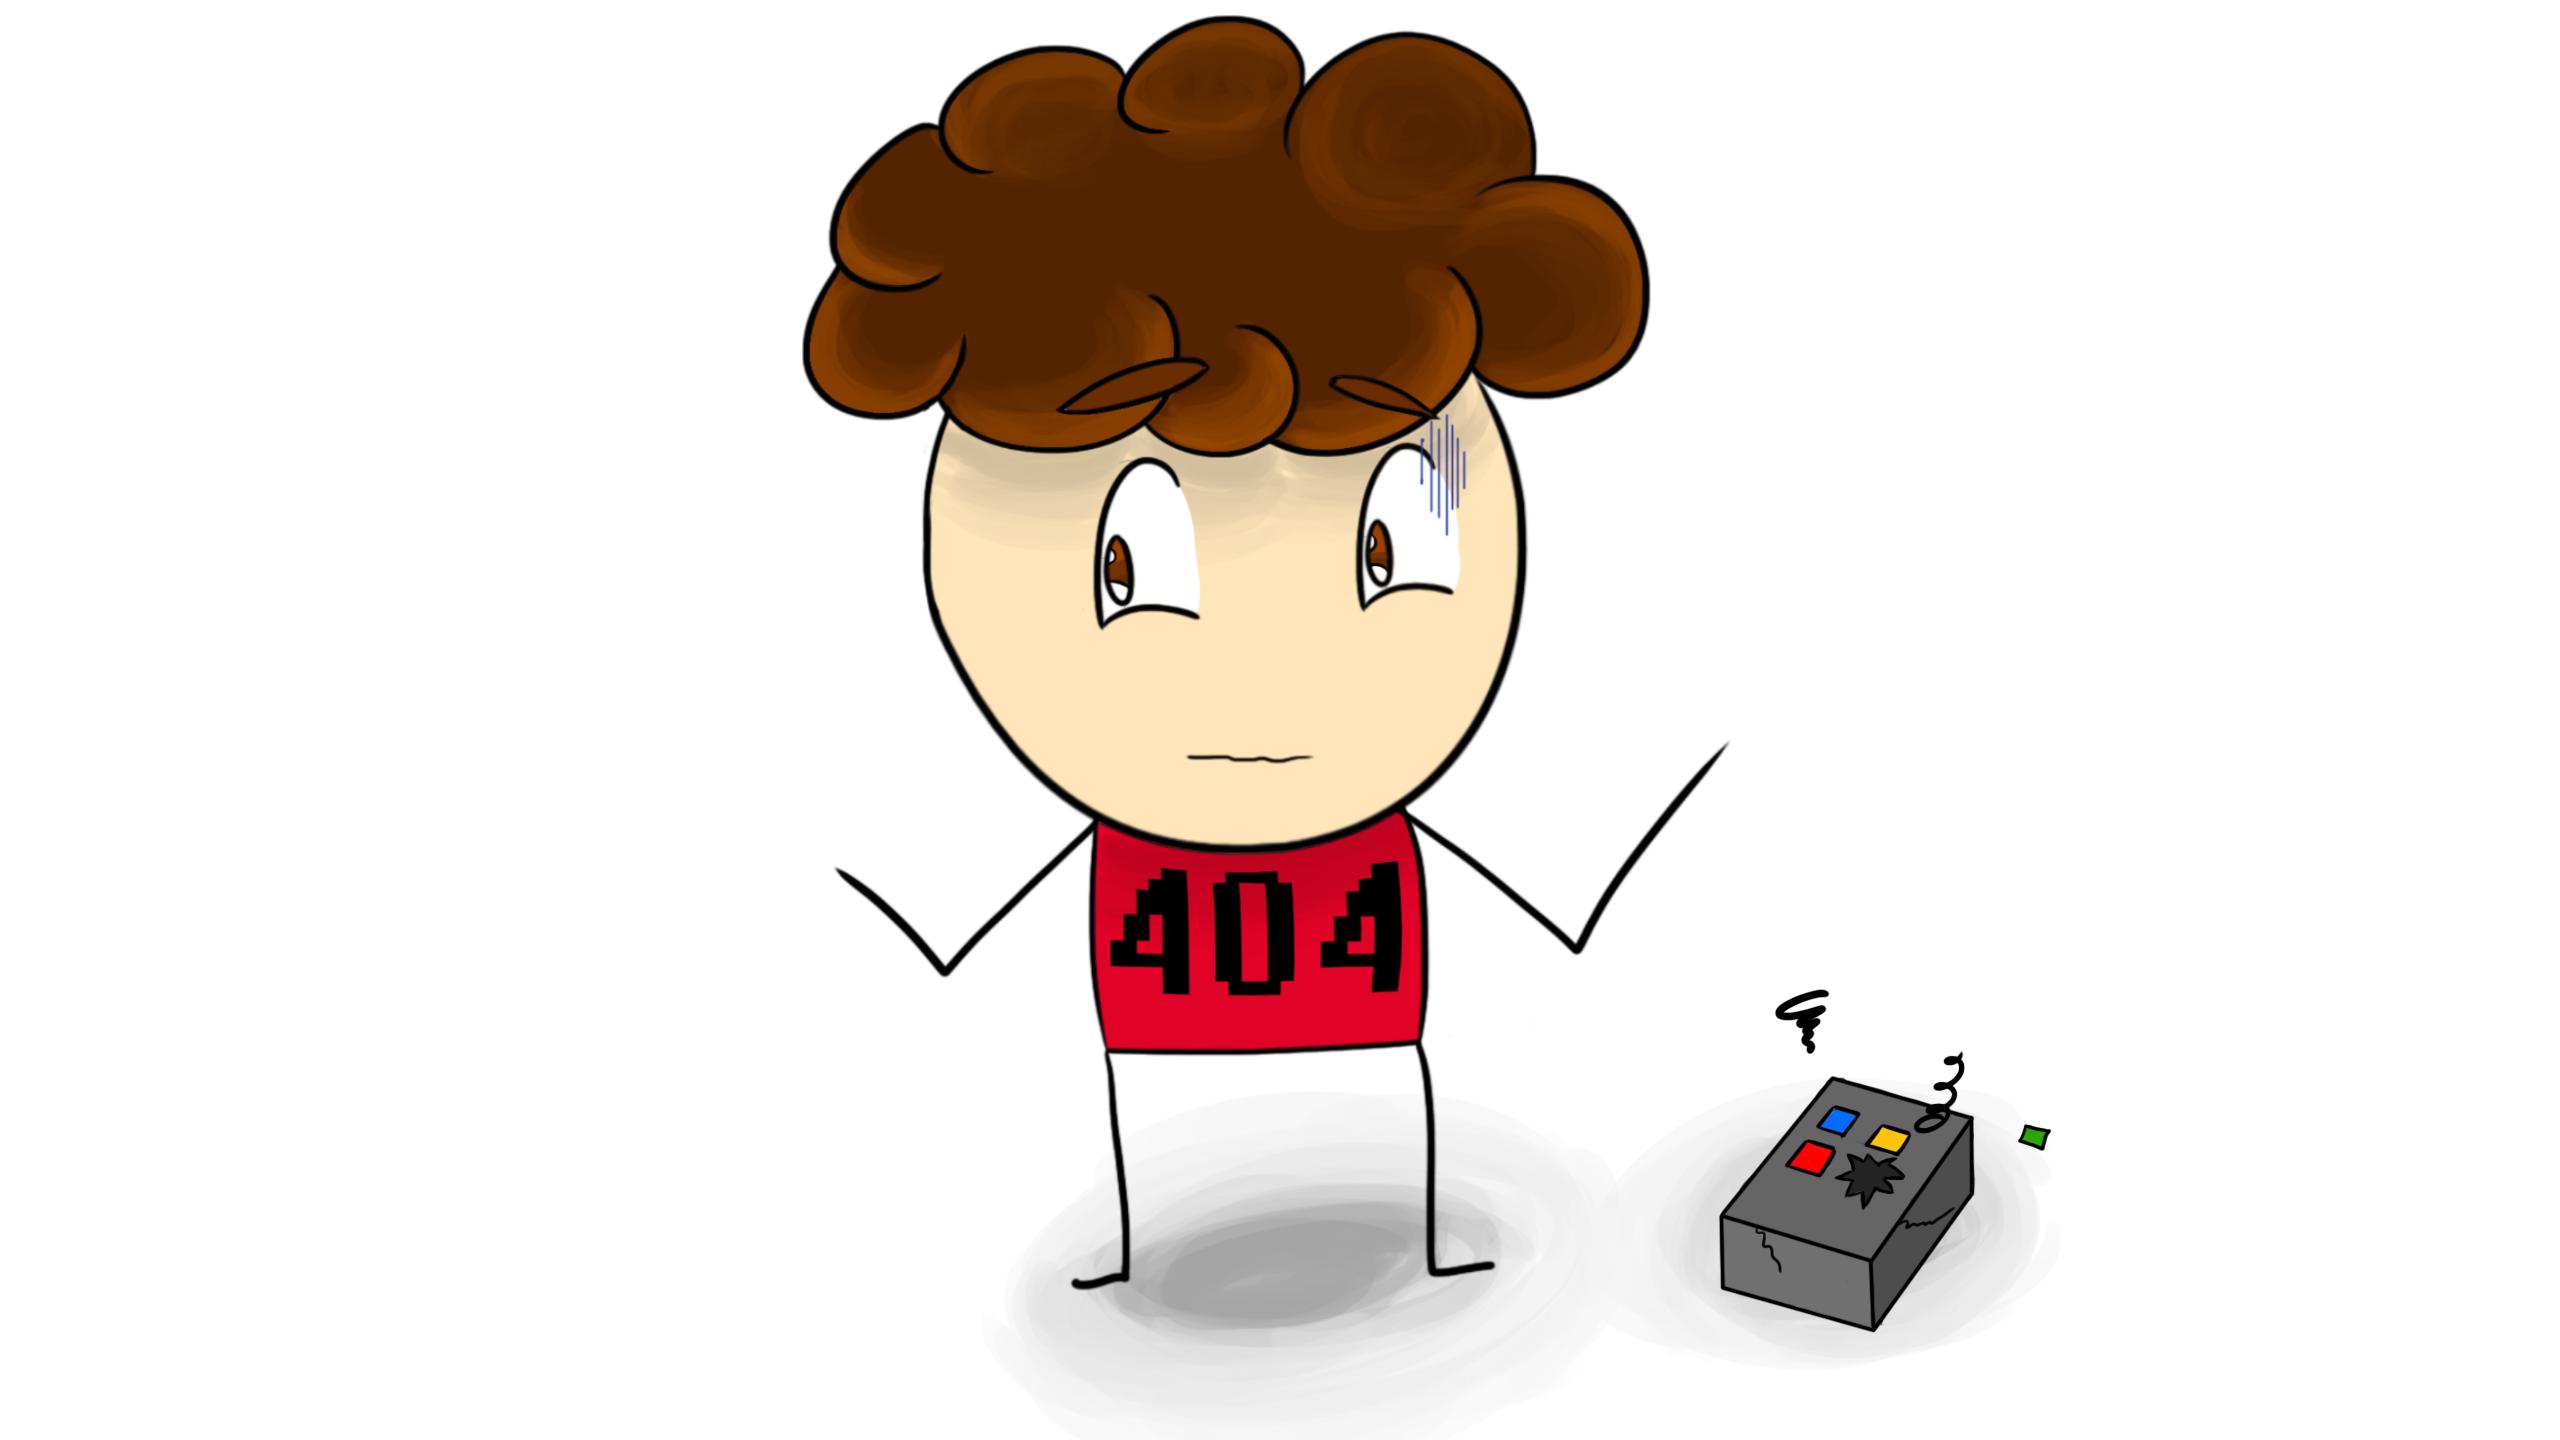 Classic Cartooners 404